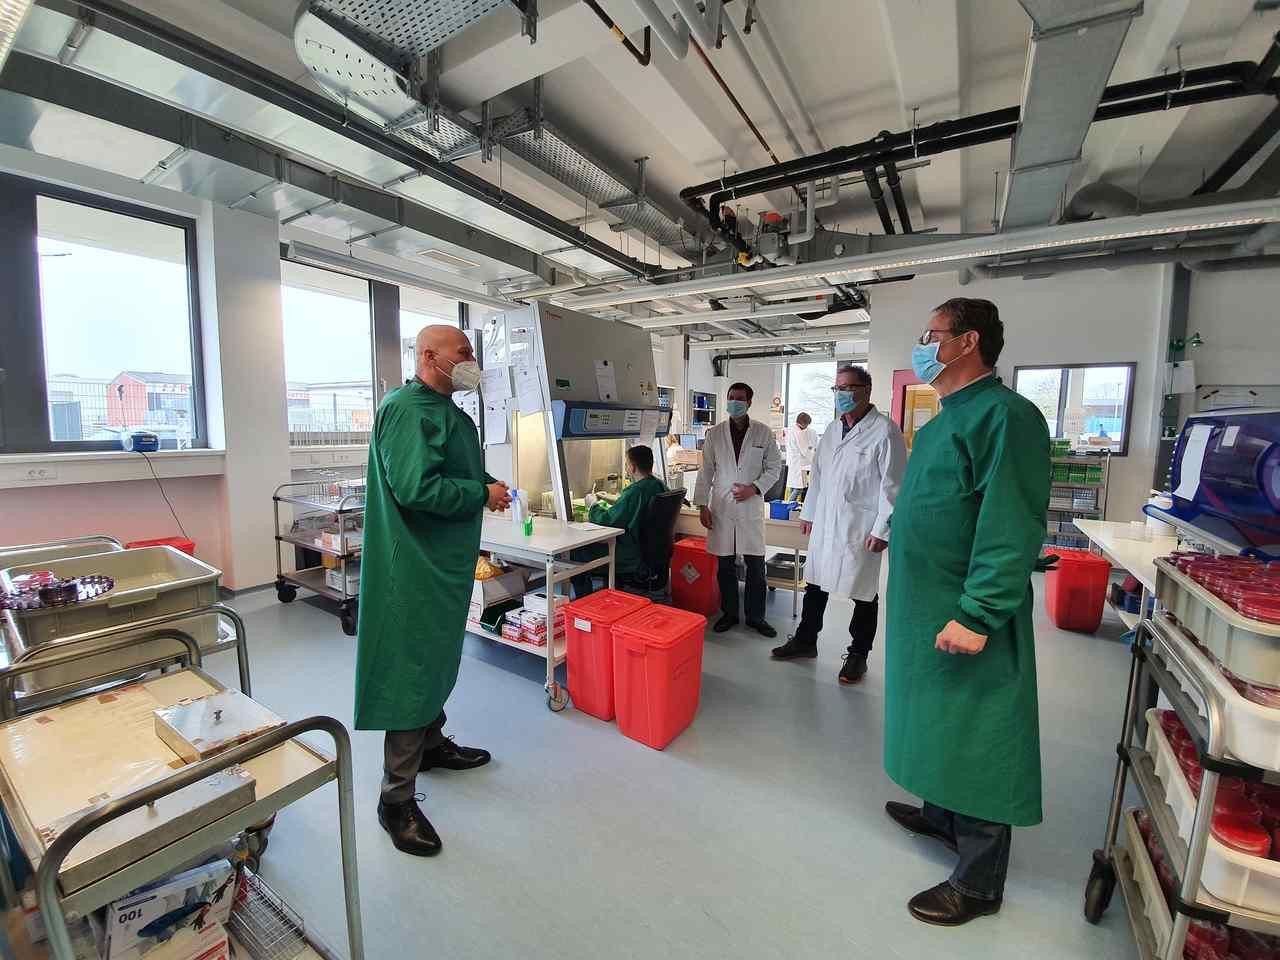 Schneider und Yetim kritisieren fehlenden Schutz von Mitarbeiterinnen und Mitarbeitern des Bioscientia Labors